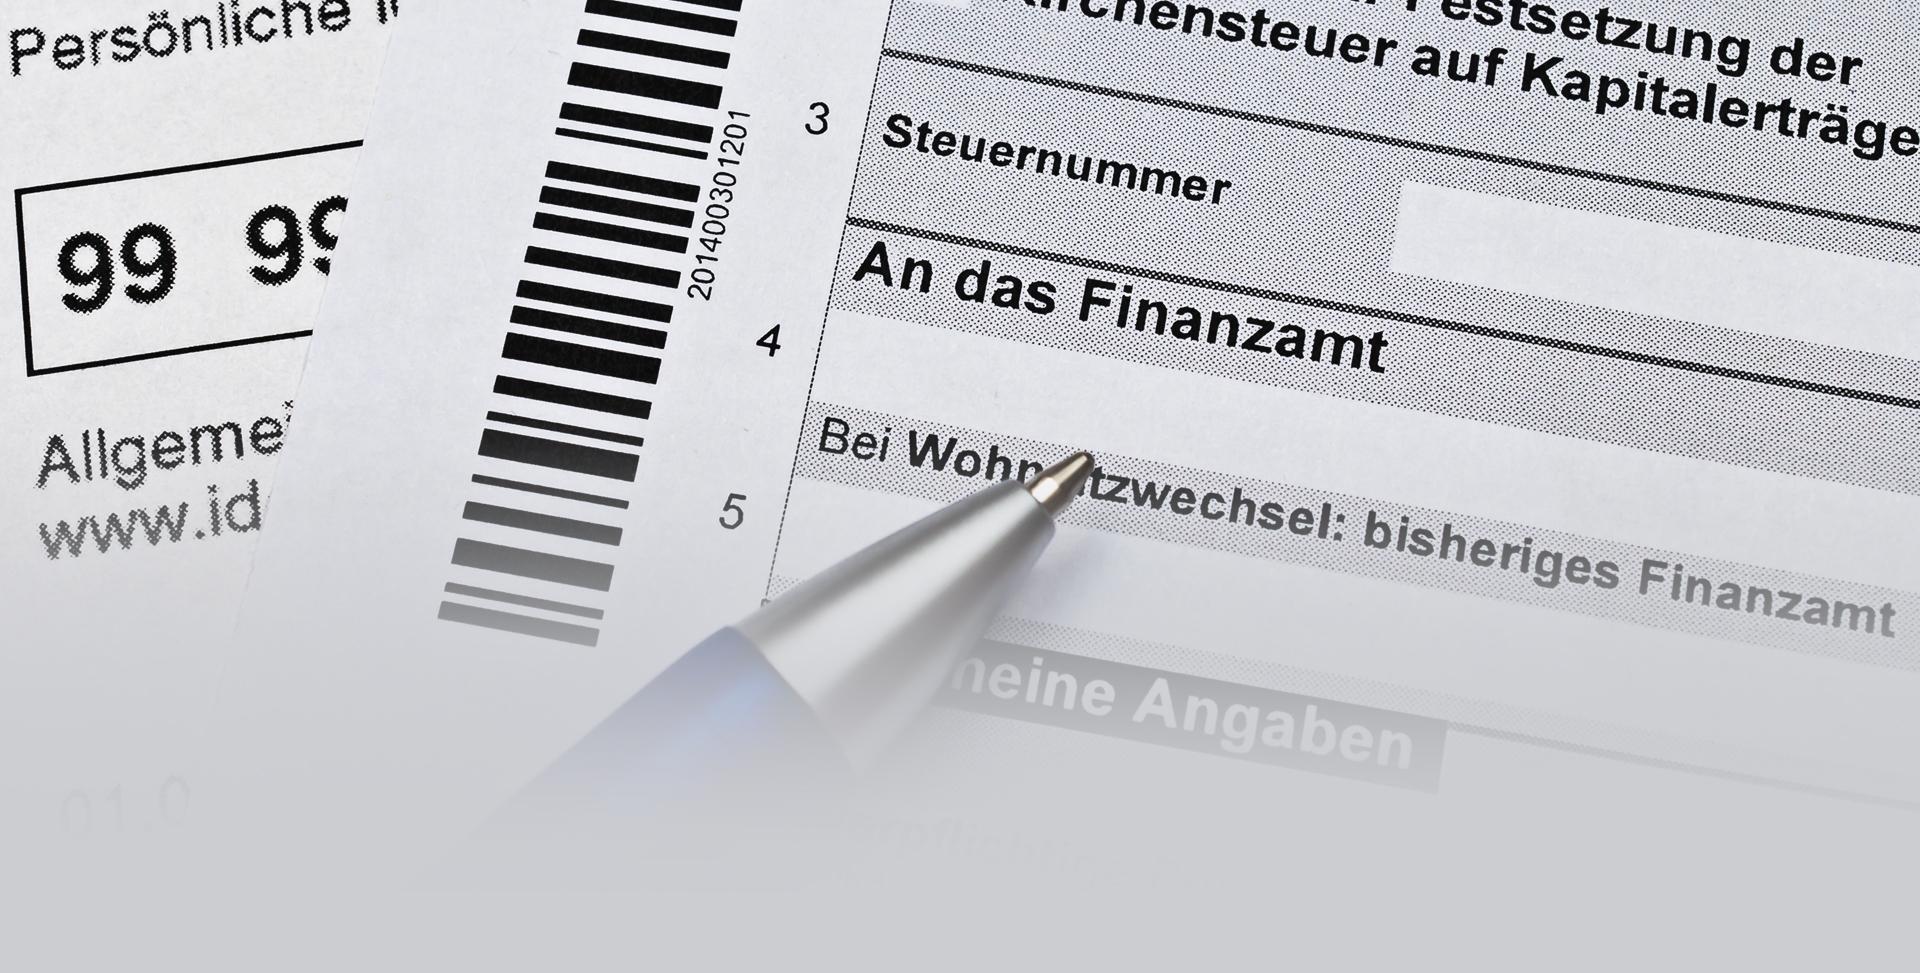 Einkommensteuererklärung Finanzamt - STEUERBERATER IN GERMERSHEIM